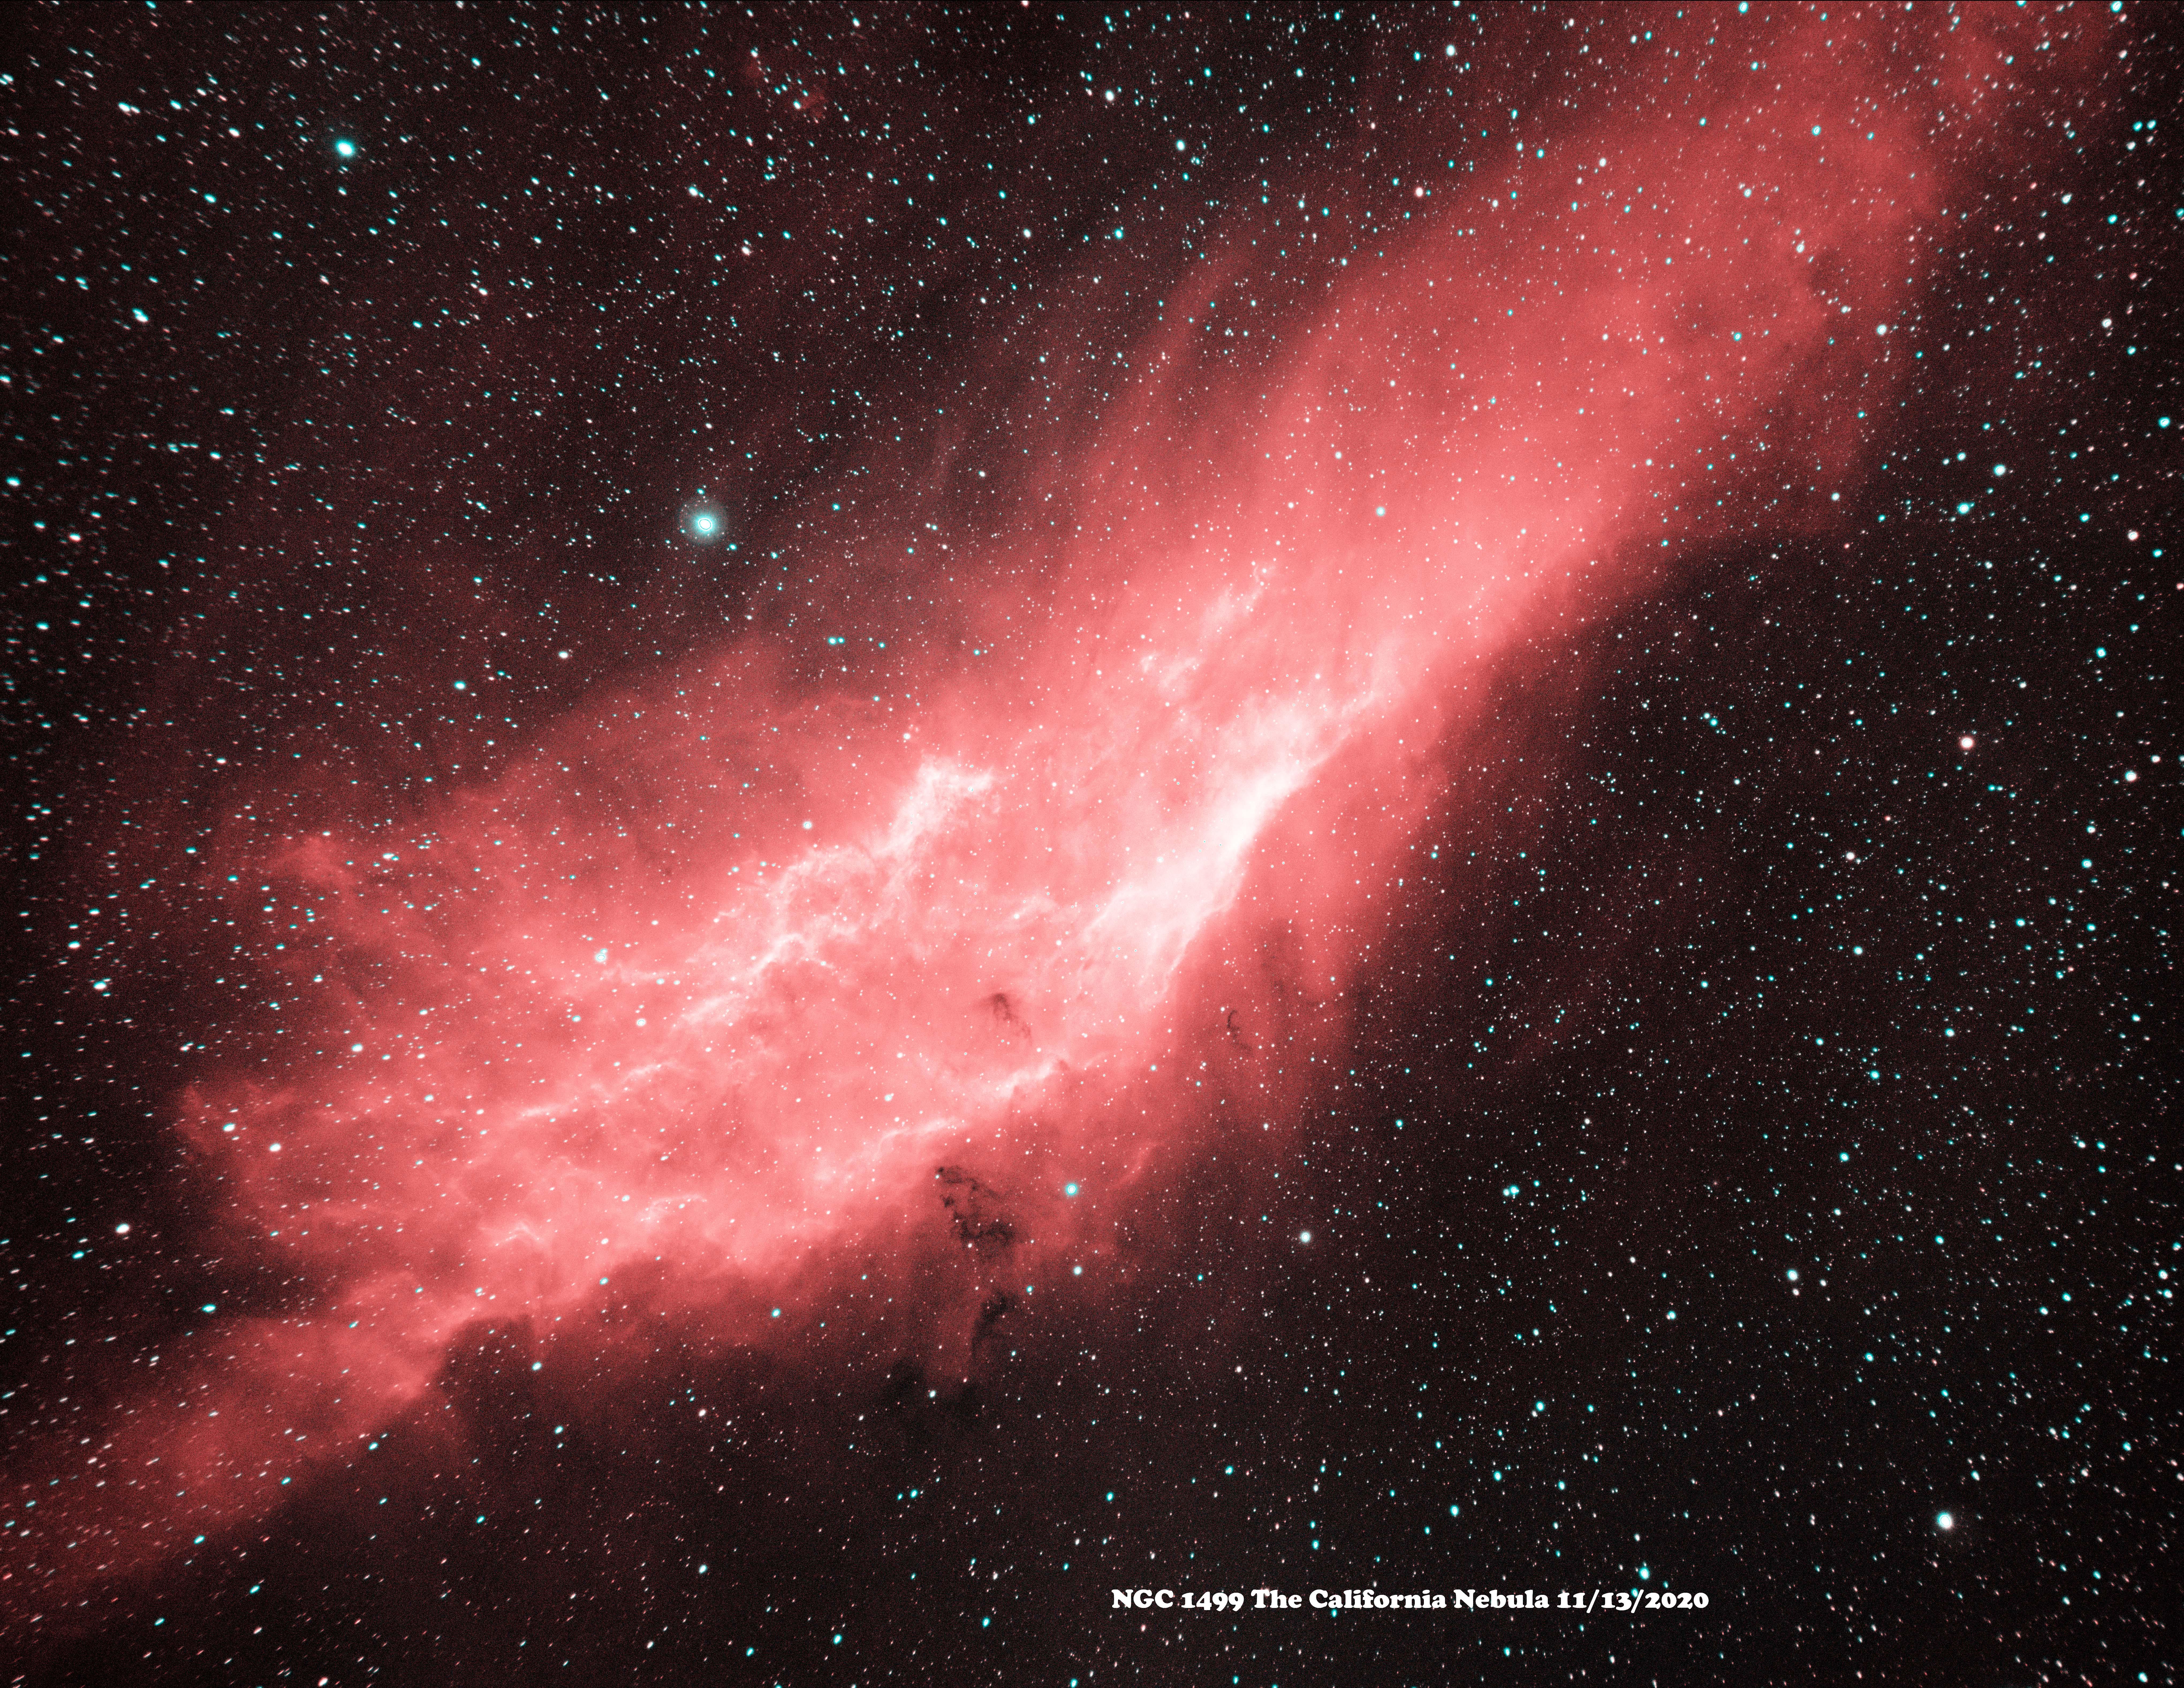 NGC 1499 HaOiii 2020